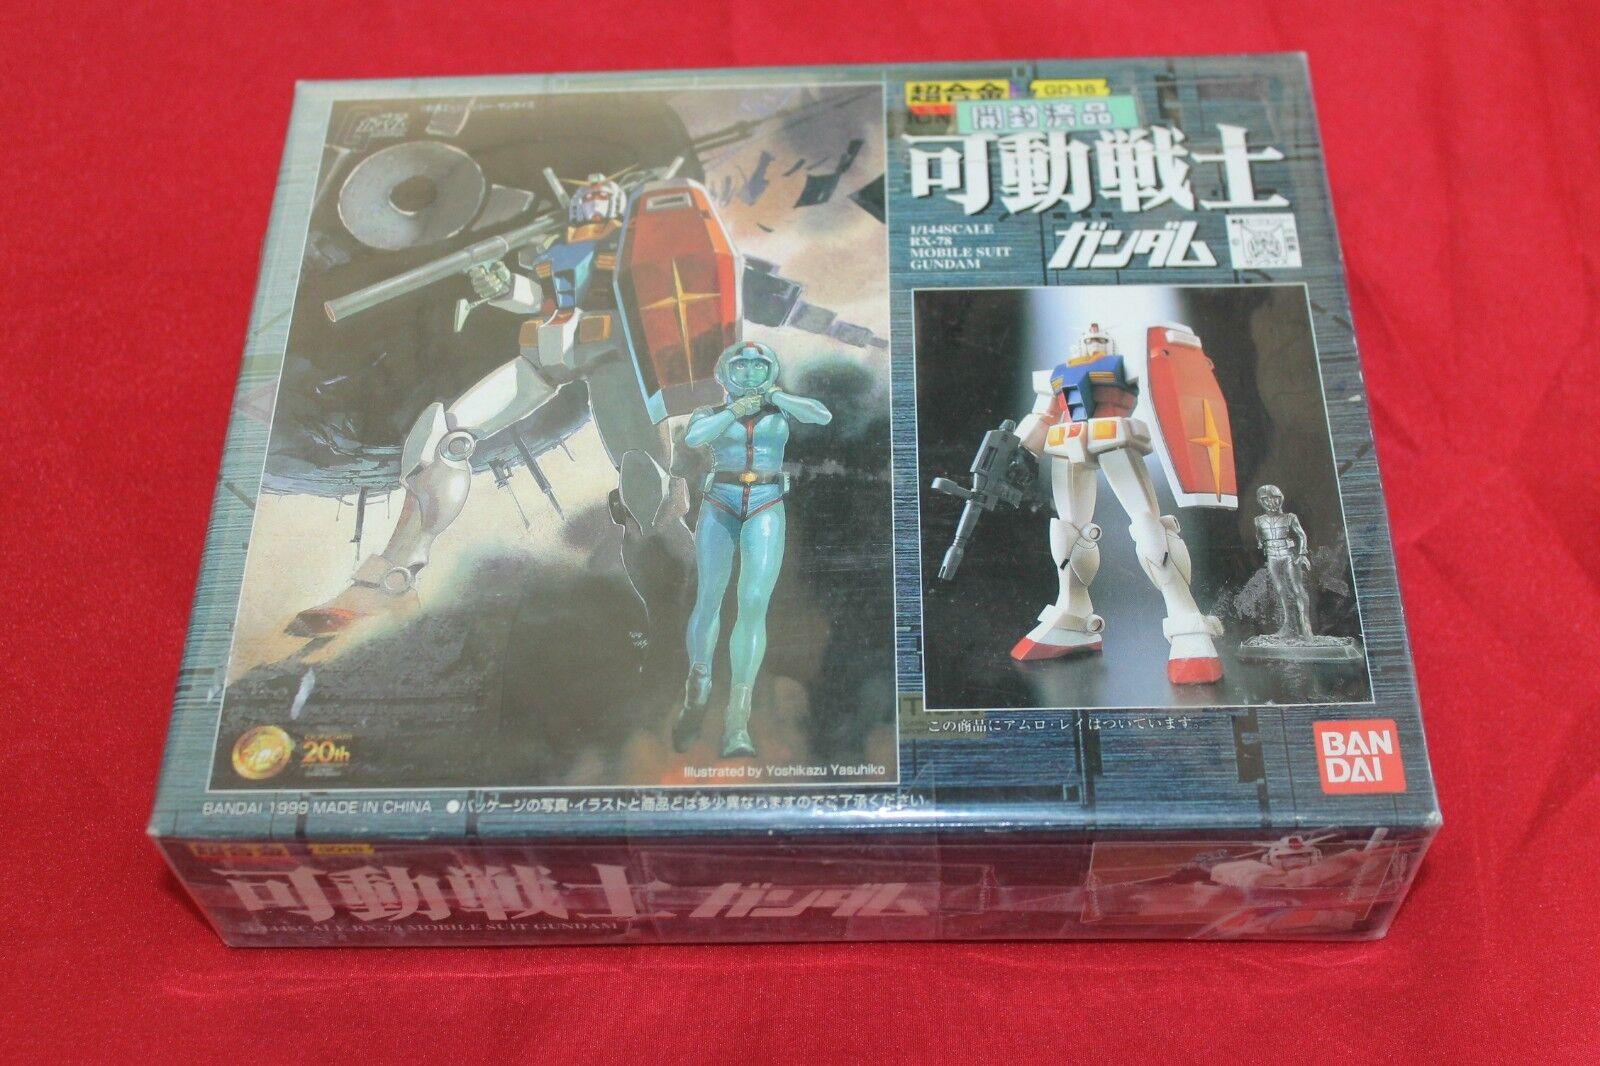 Bandai Gundam kado senshi no gx rx 78 scala 1 144 gd 16